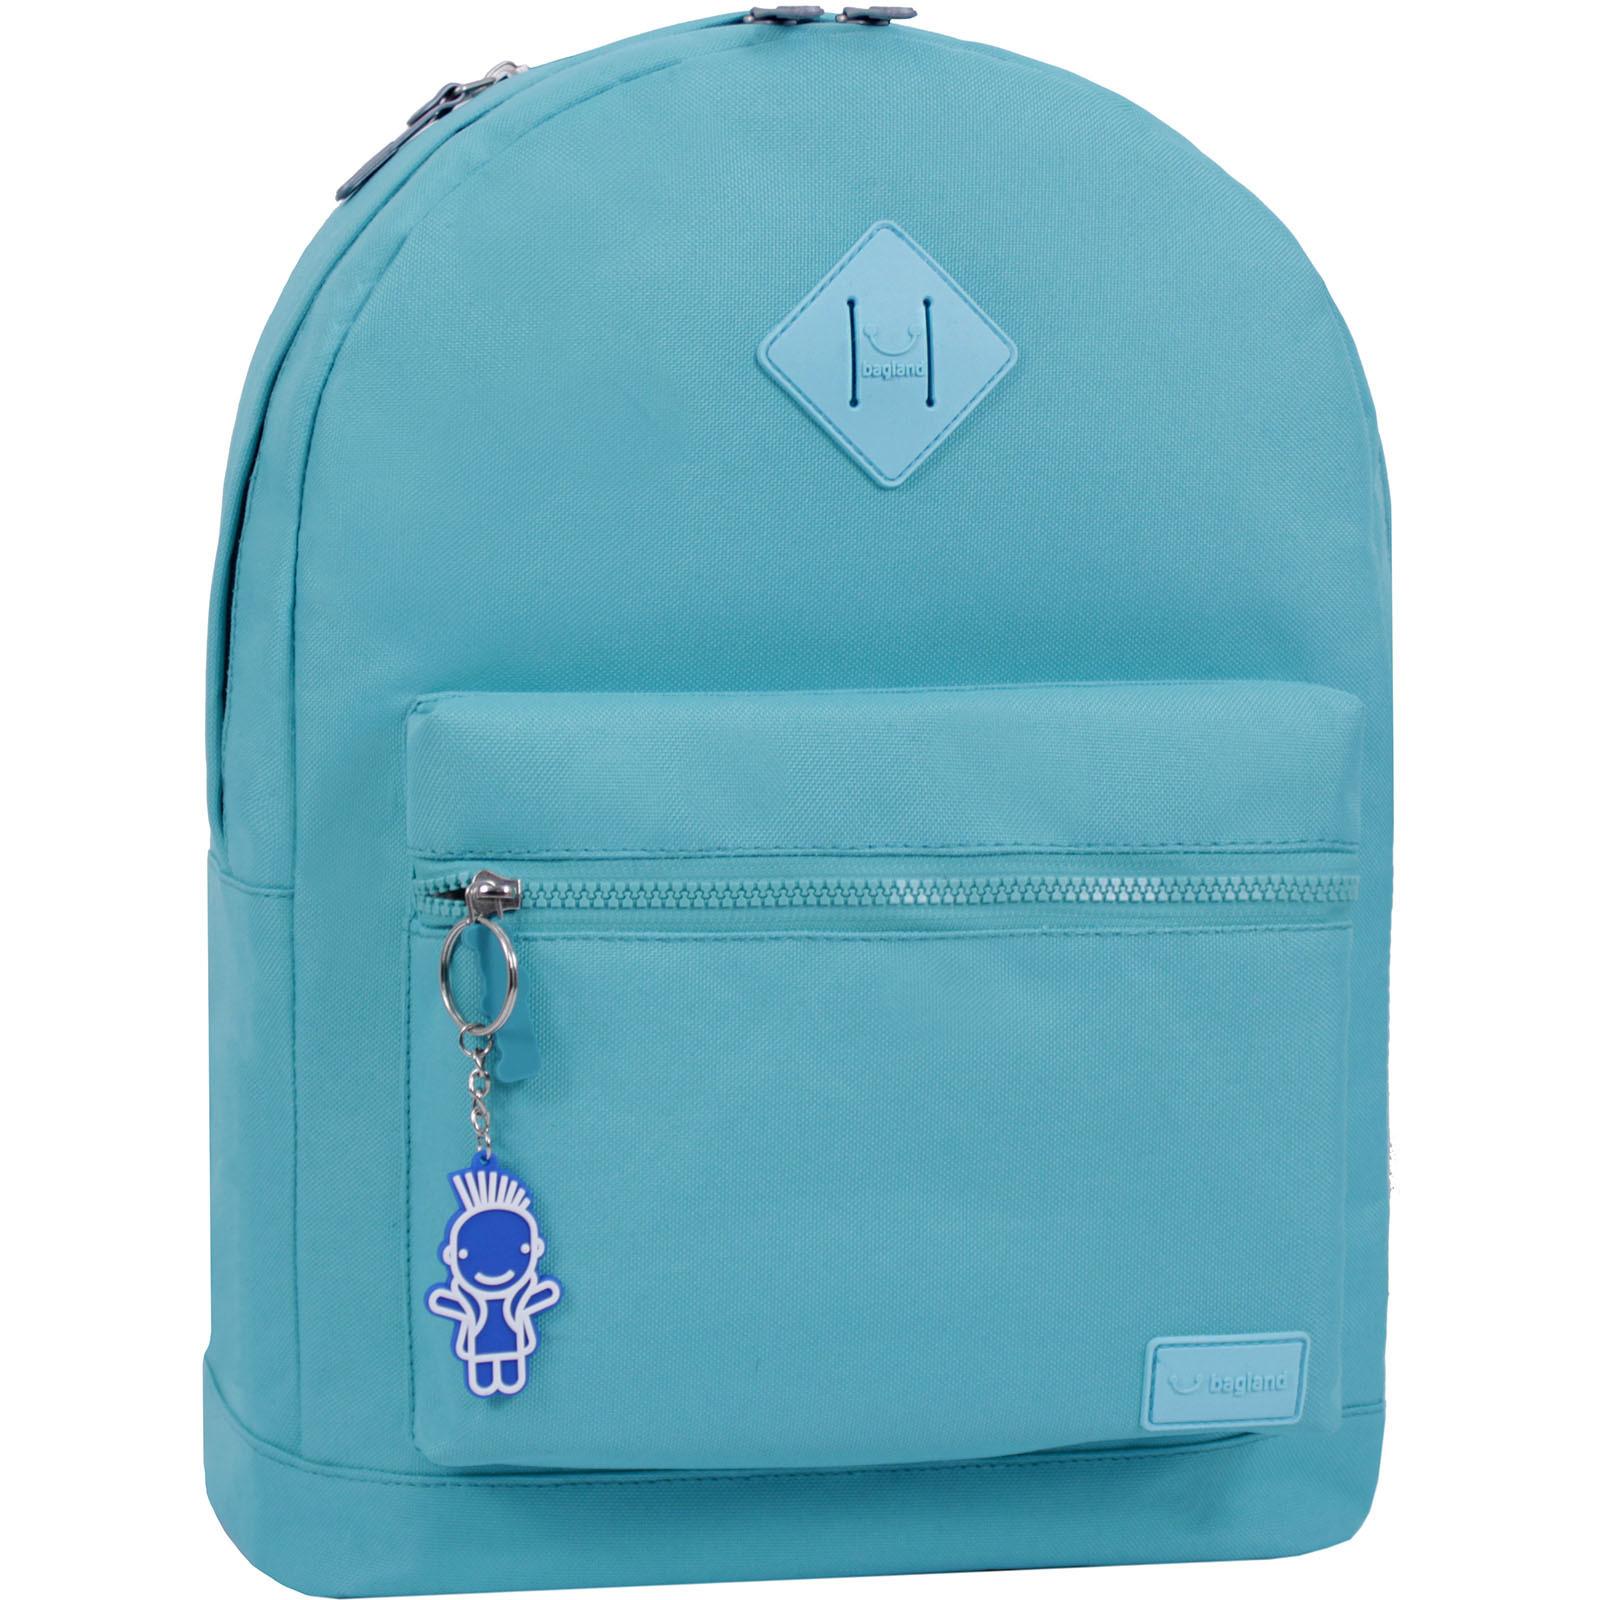 Молодежные рюкзаки Рюкзак Bagland Hood W/R 17 л. бирюза 446 (0054466) IMG_6388_суб.446____копия.JPG